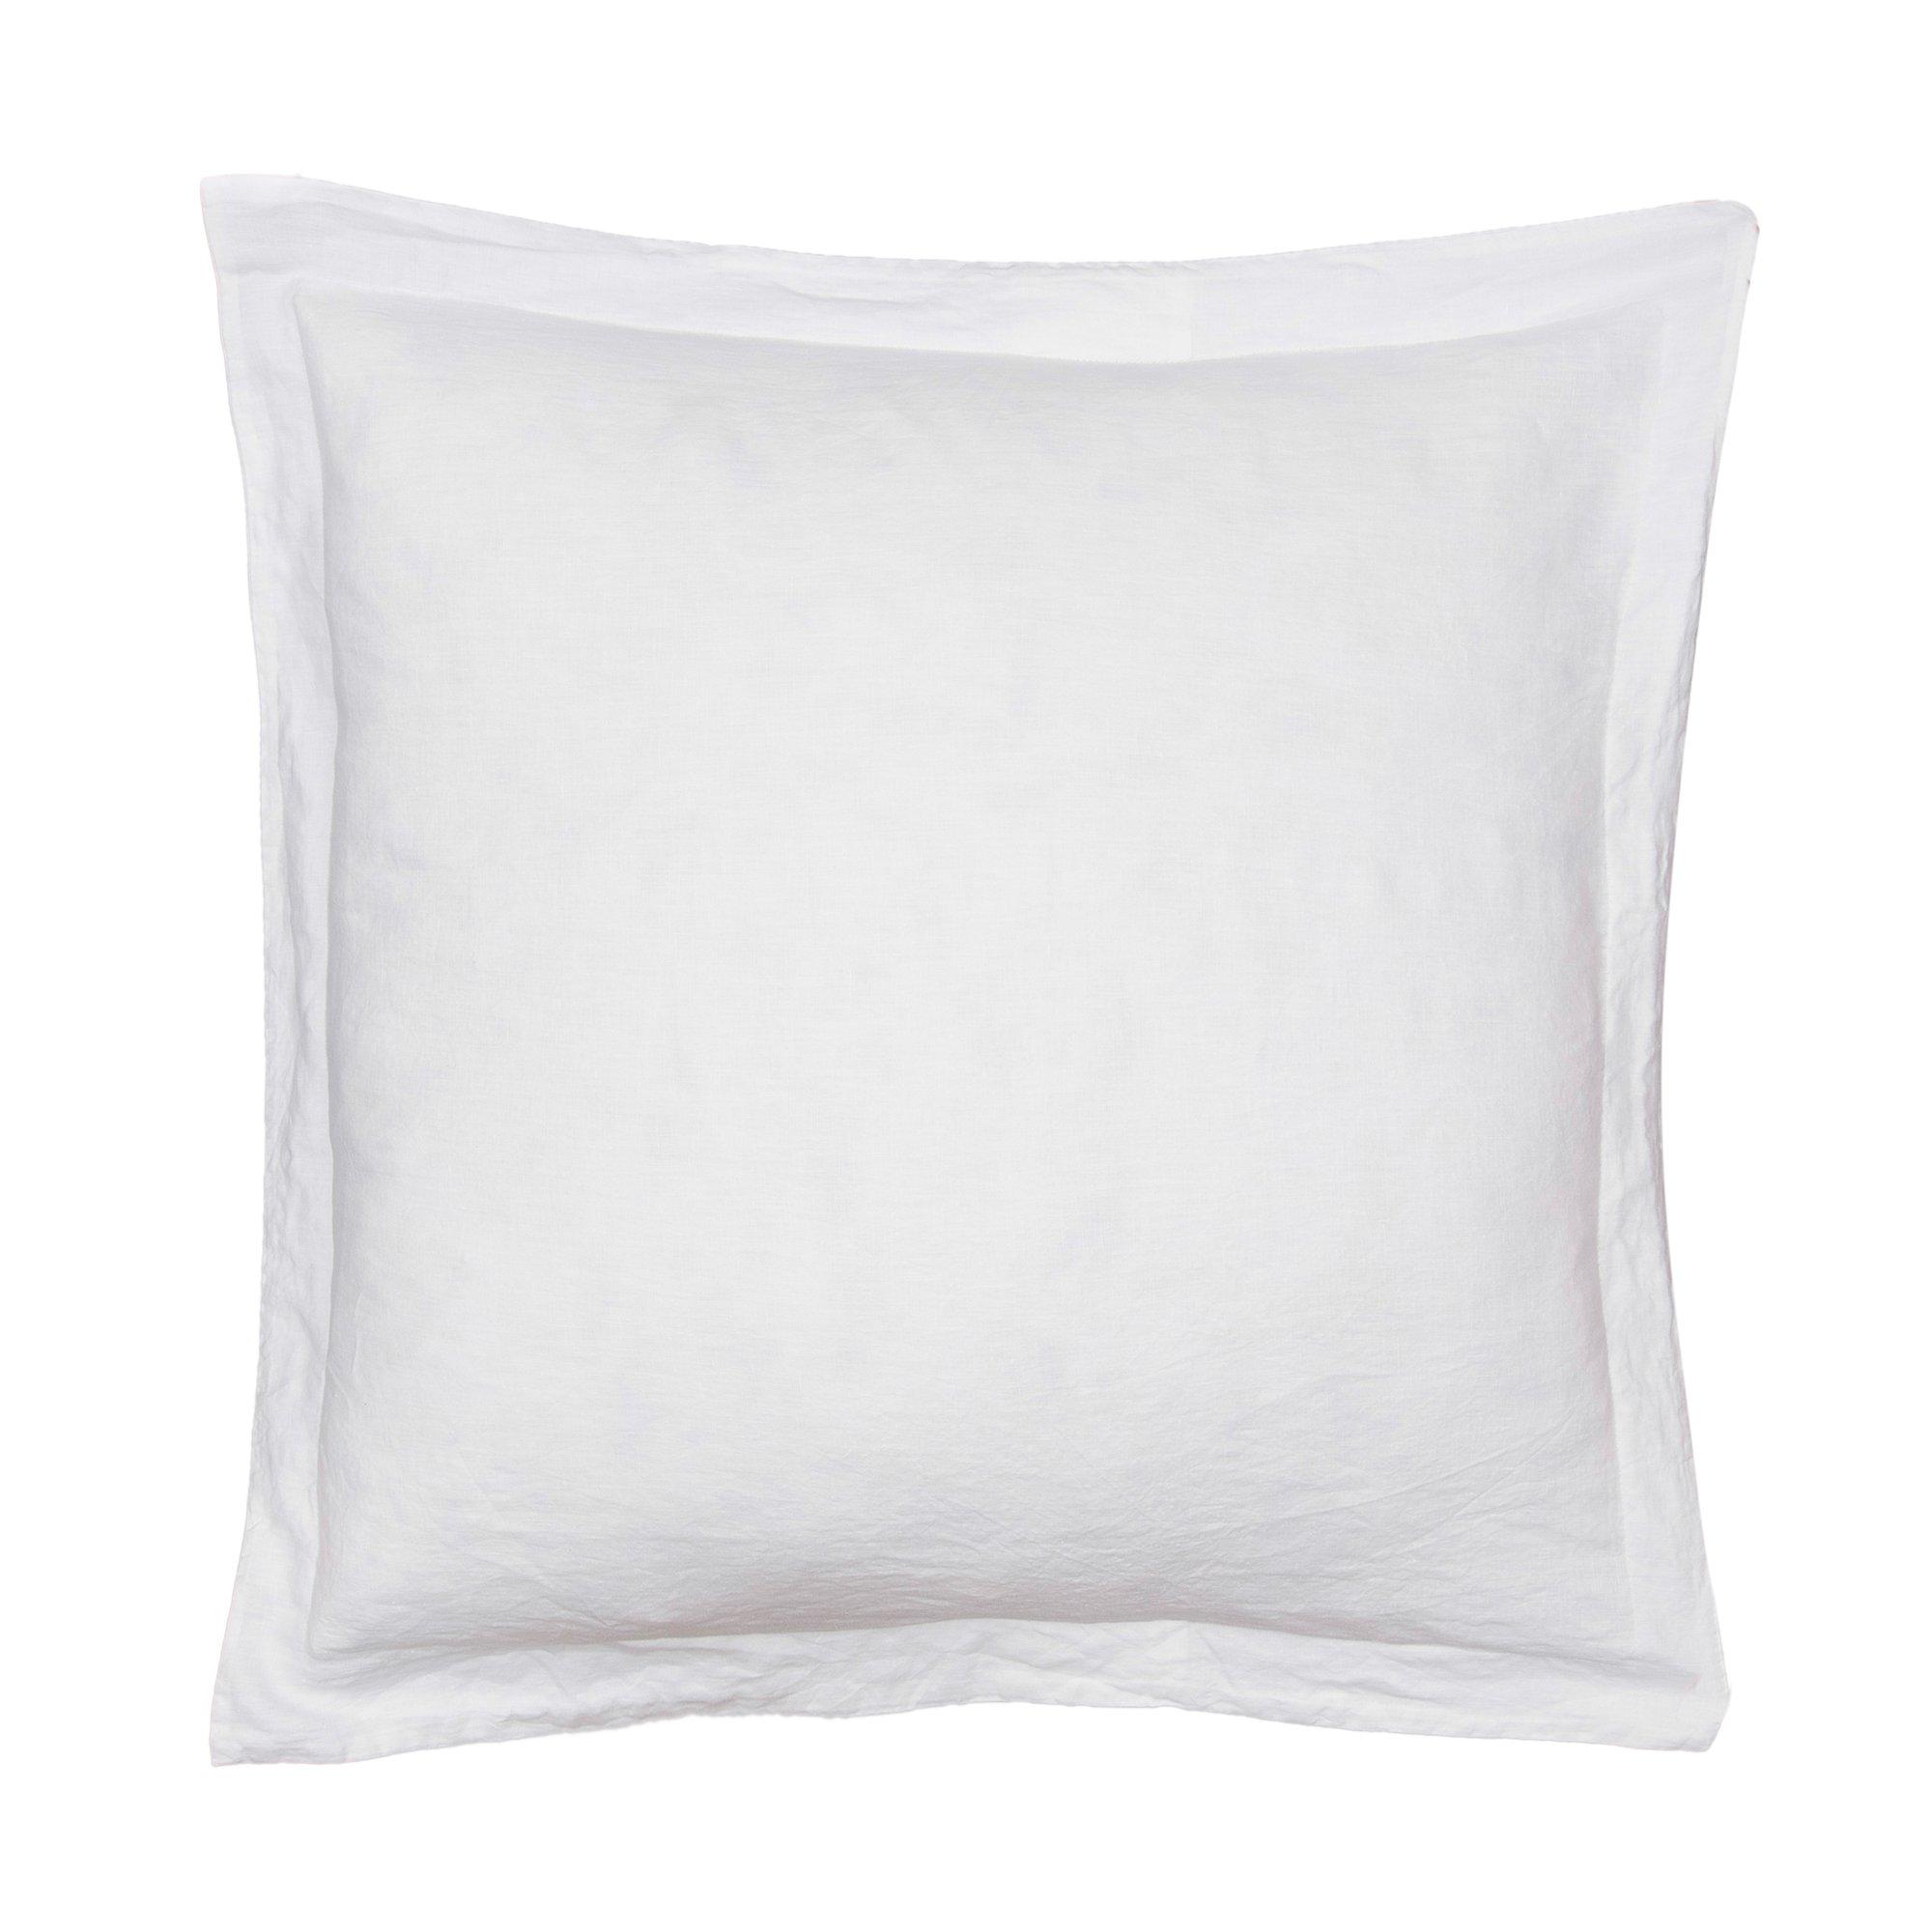 Levtex Washed Linen White Euro Sham w/Flange